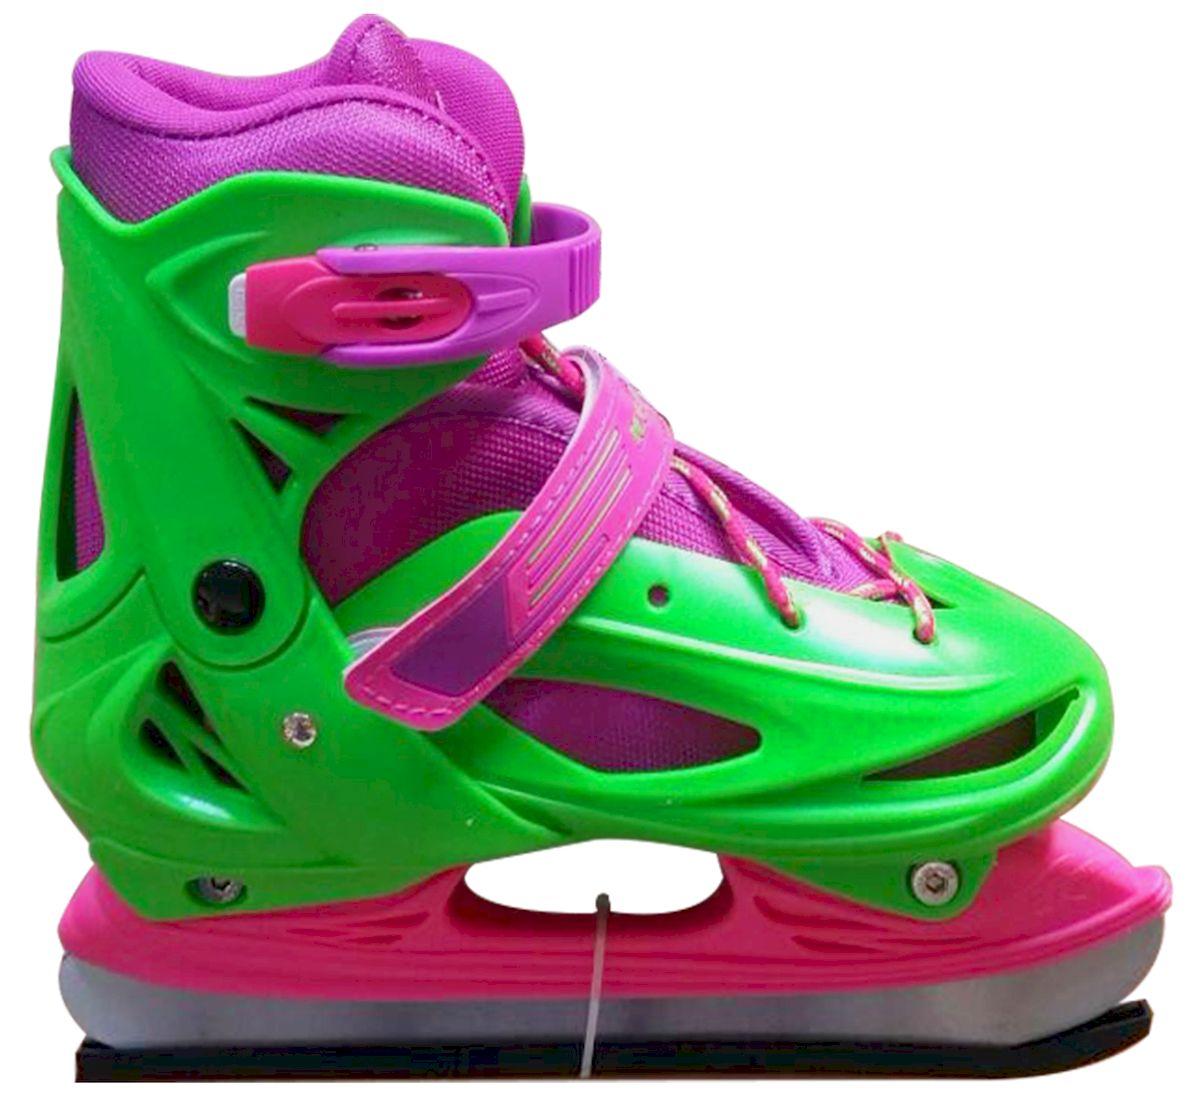 Коньки ледовые Ice Blade Sophie, раздвижные, цвет: розовый, зеленый. УТ-00009126. Размер L (38/41)